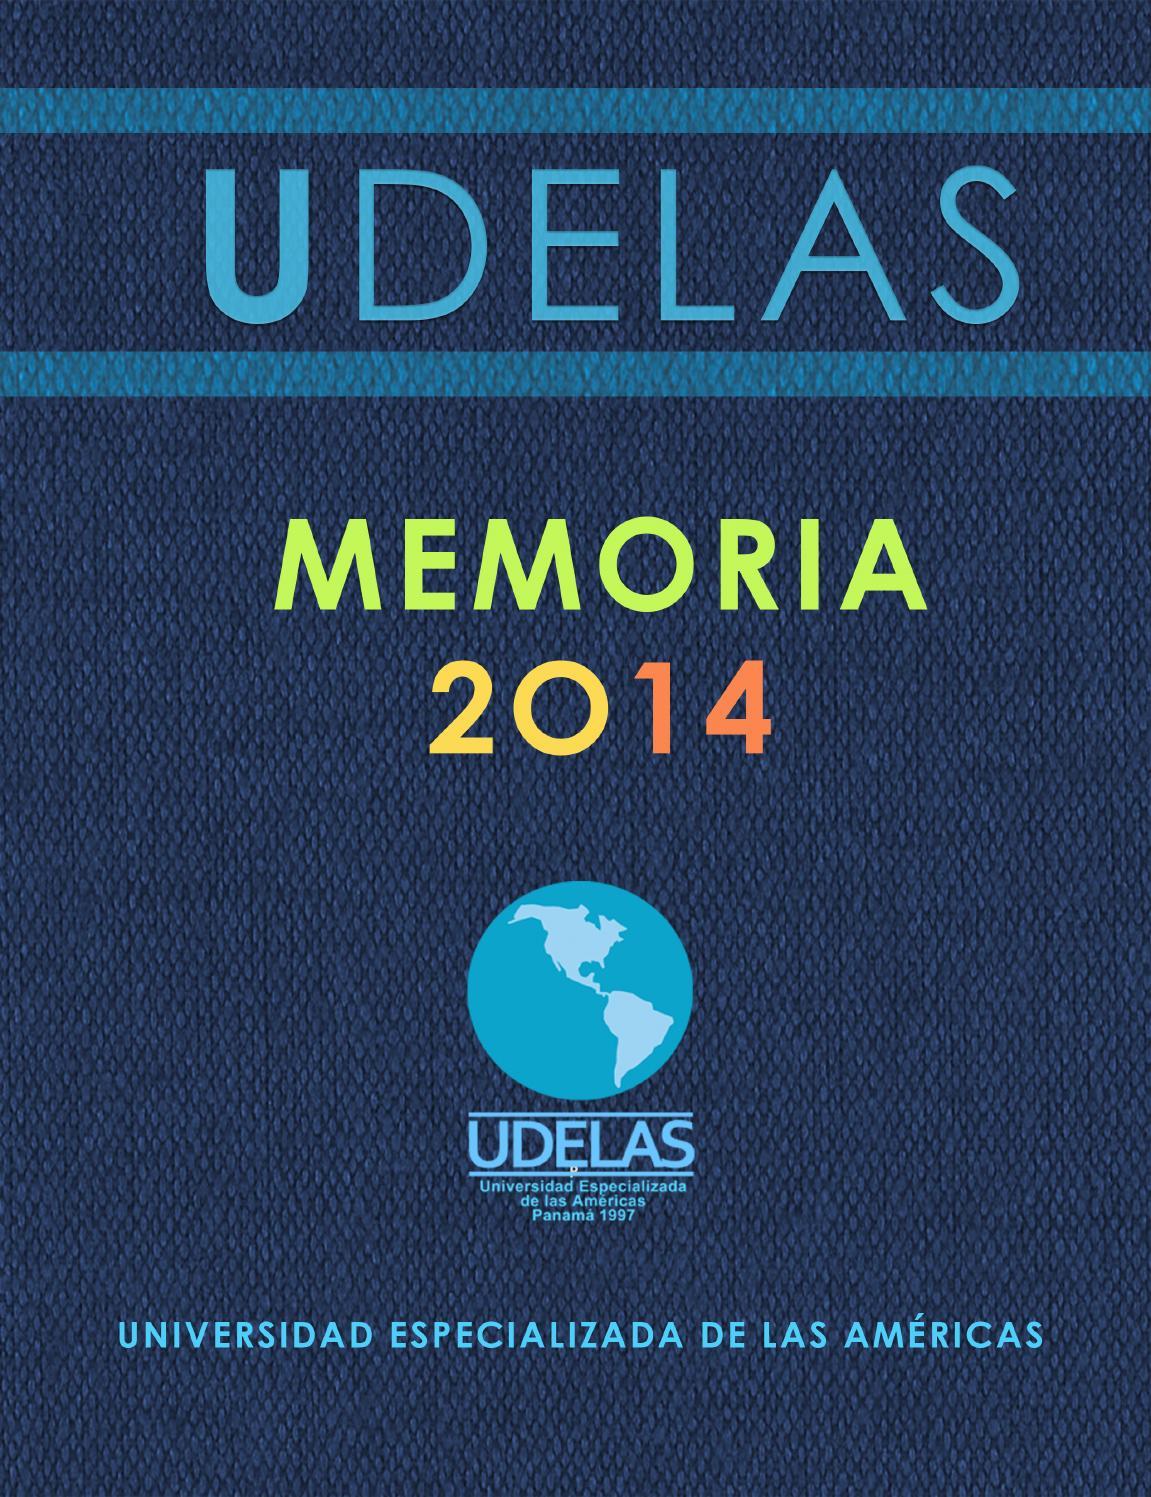 Memoria udelas 2014 by marco bernuy - issuu